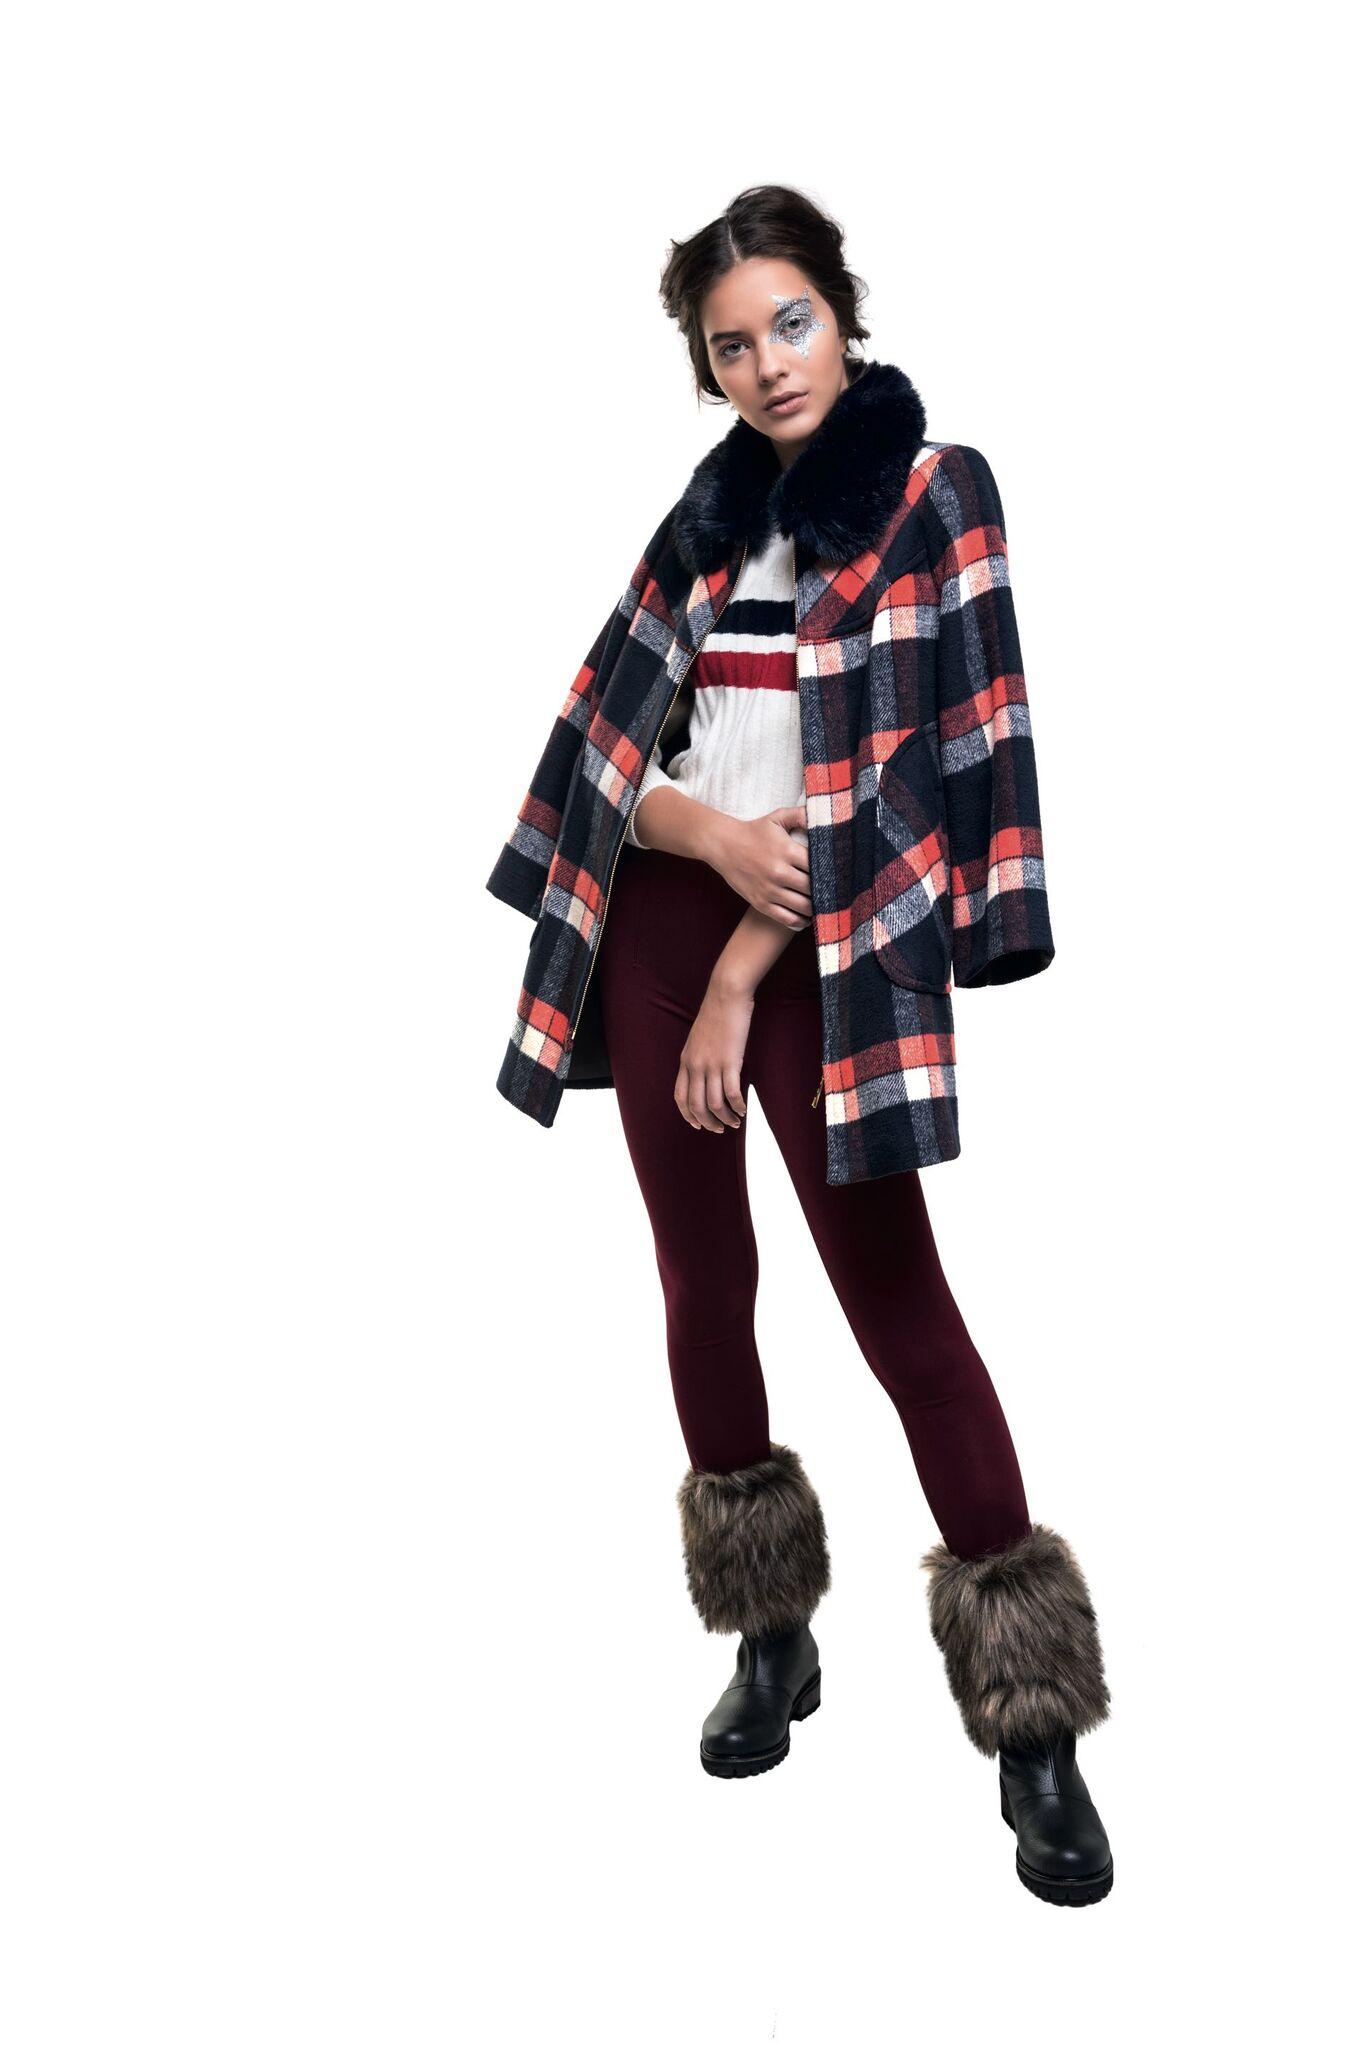 Saco a cuadros con cuello de piel desmontable ($ 9.250, Rafael Garófalo), suéter corto ($ 2.690,  Levi´s), leggings ($ 899, Yagmour) y botas con pelo ($ 6.050, Lomm).